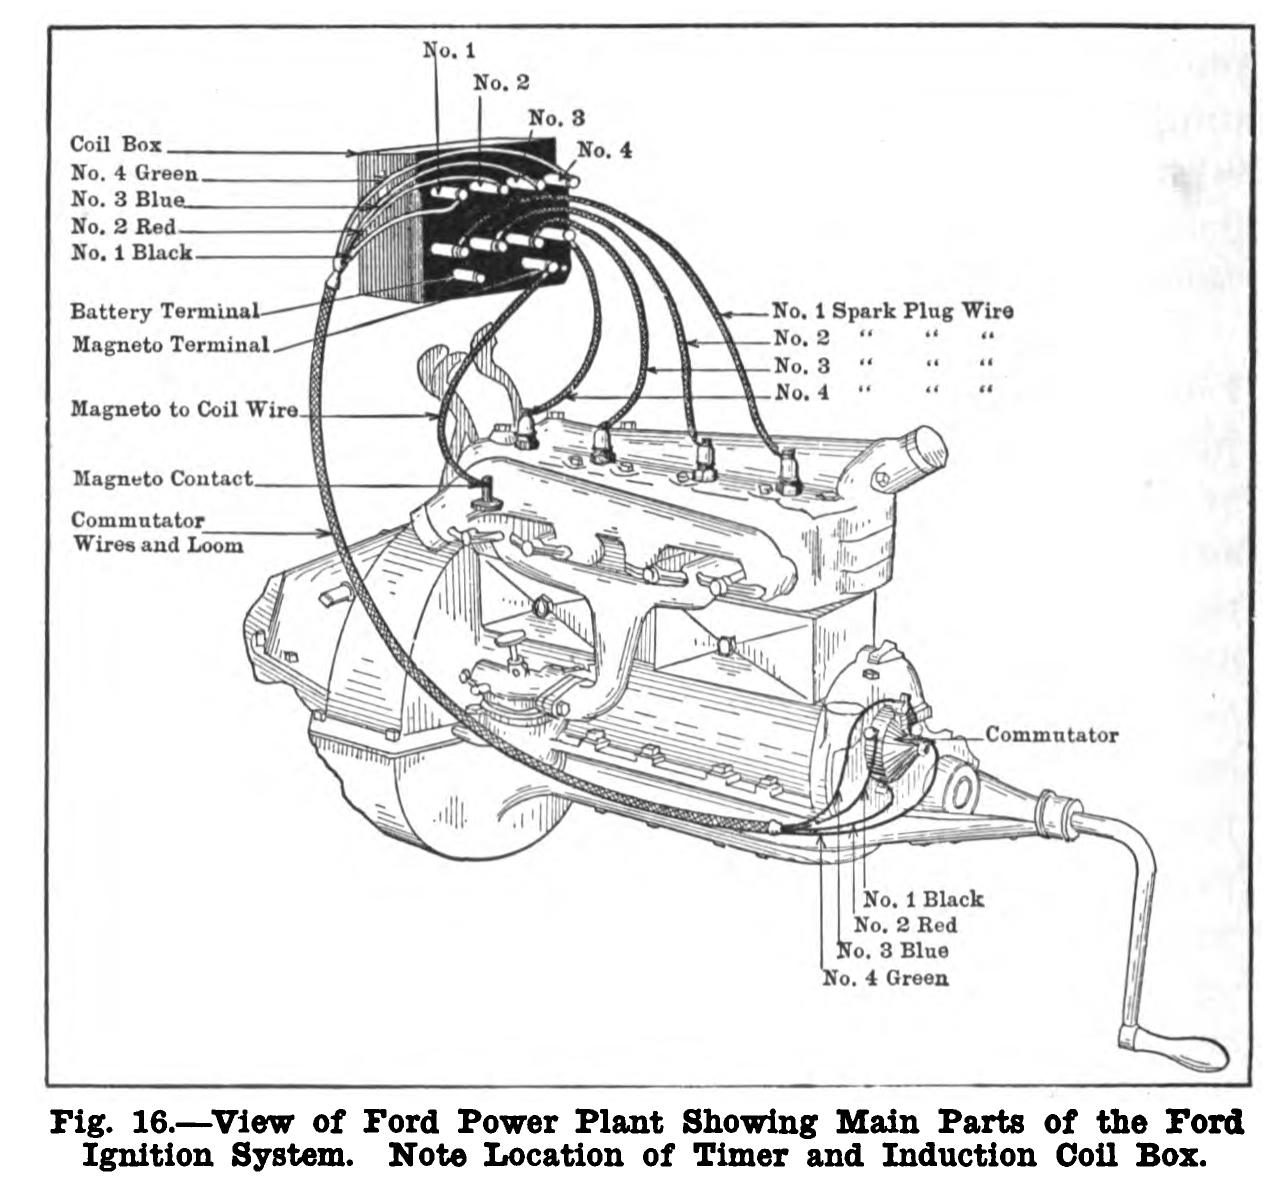 rn_8498] 1917 model t wiring diagram further ford model t ignition coil wiring  wiring diagram  kook loskopri pap sple rdona rosz magn urga benkeme verr kapemie  mohammedshrine librar wiring 101